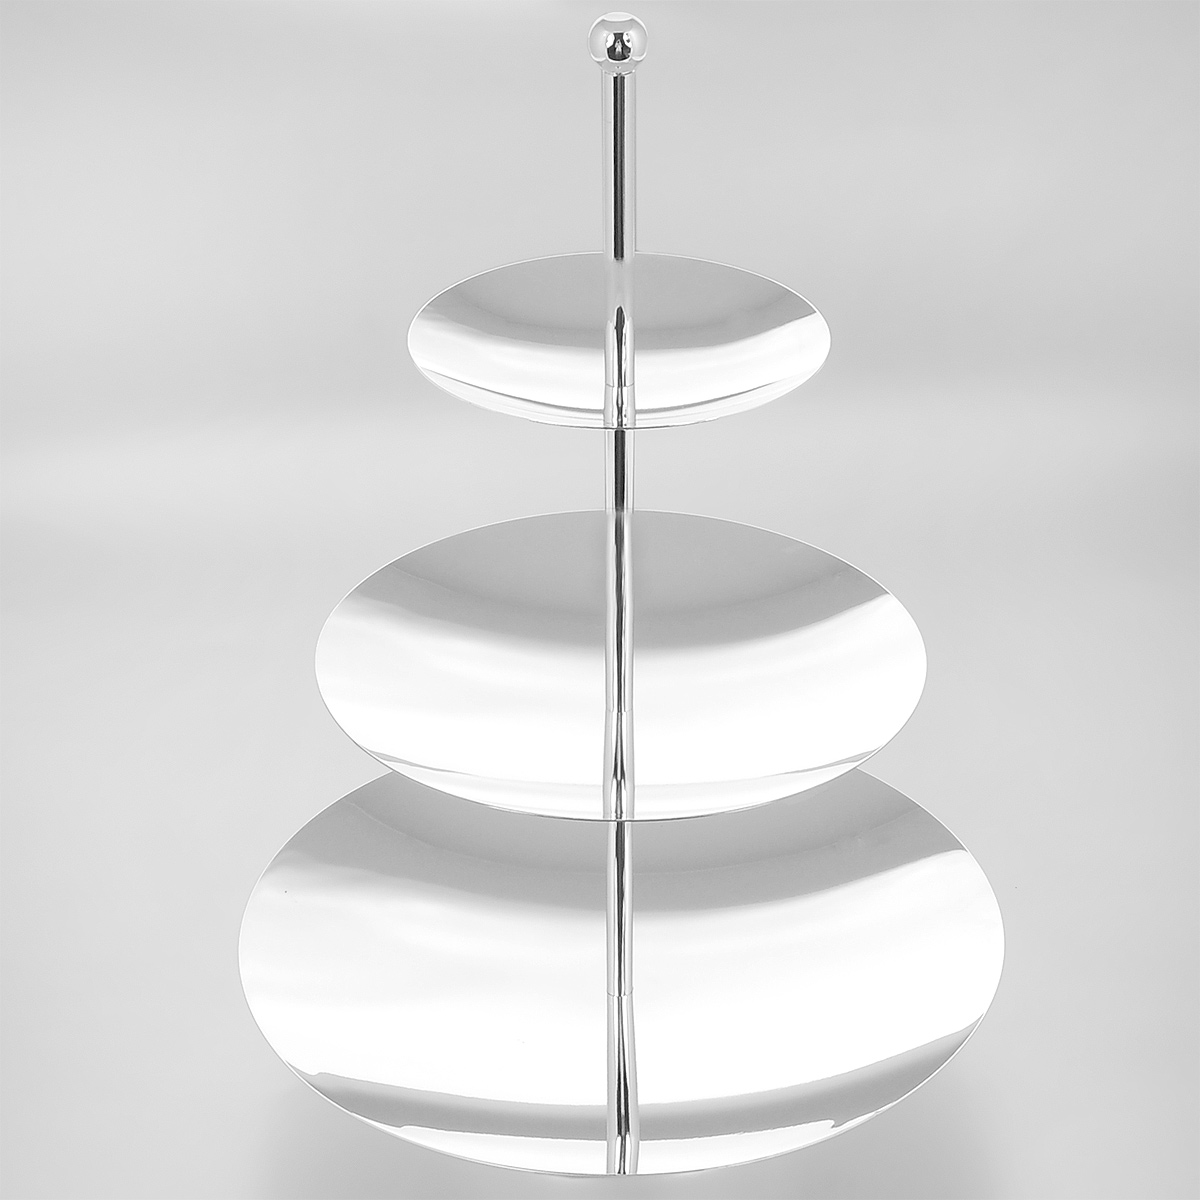 Ваза универсальная Marquis, 3-х ярусная, высота 36 см. 3073-MR101147Универсальная трехъярусная ваза Marquis изготовлена из стали с серебряно-никелевым покрытием. Круглые блюда имеют абсолютно гладкую зеркальную поверхность. Ваза прекрасно подойдет для красивой сервировки конфет, пирожных и других кондитерских изделий, а также фруктов. Такая ваза придется по вкусу и ценителям классики, и тем, кто предпочитает утонченность и изысканность. Она великолепно украсит праздничный стол и подчеркнет прекрасный вкус хозяина, а также станет отличным подарком.